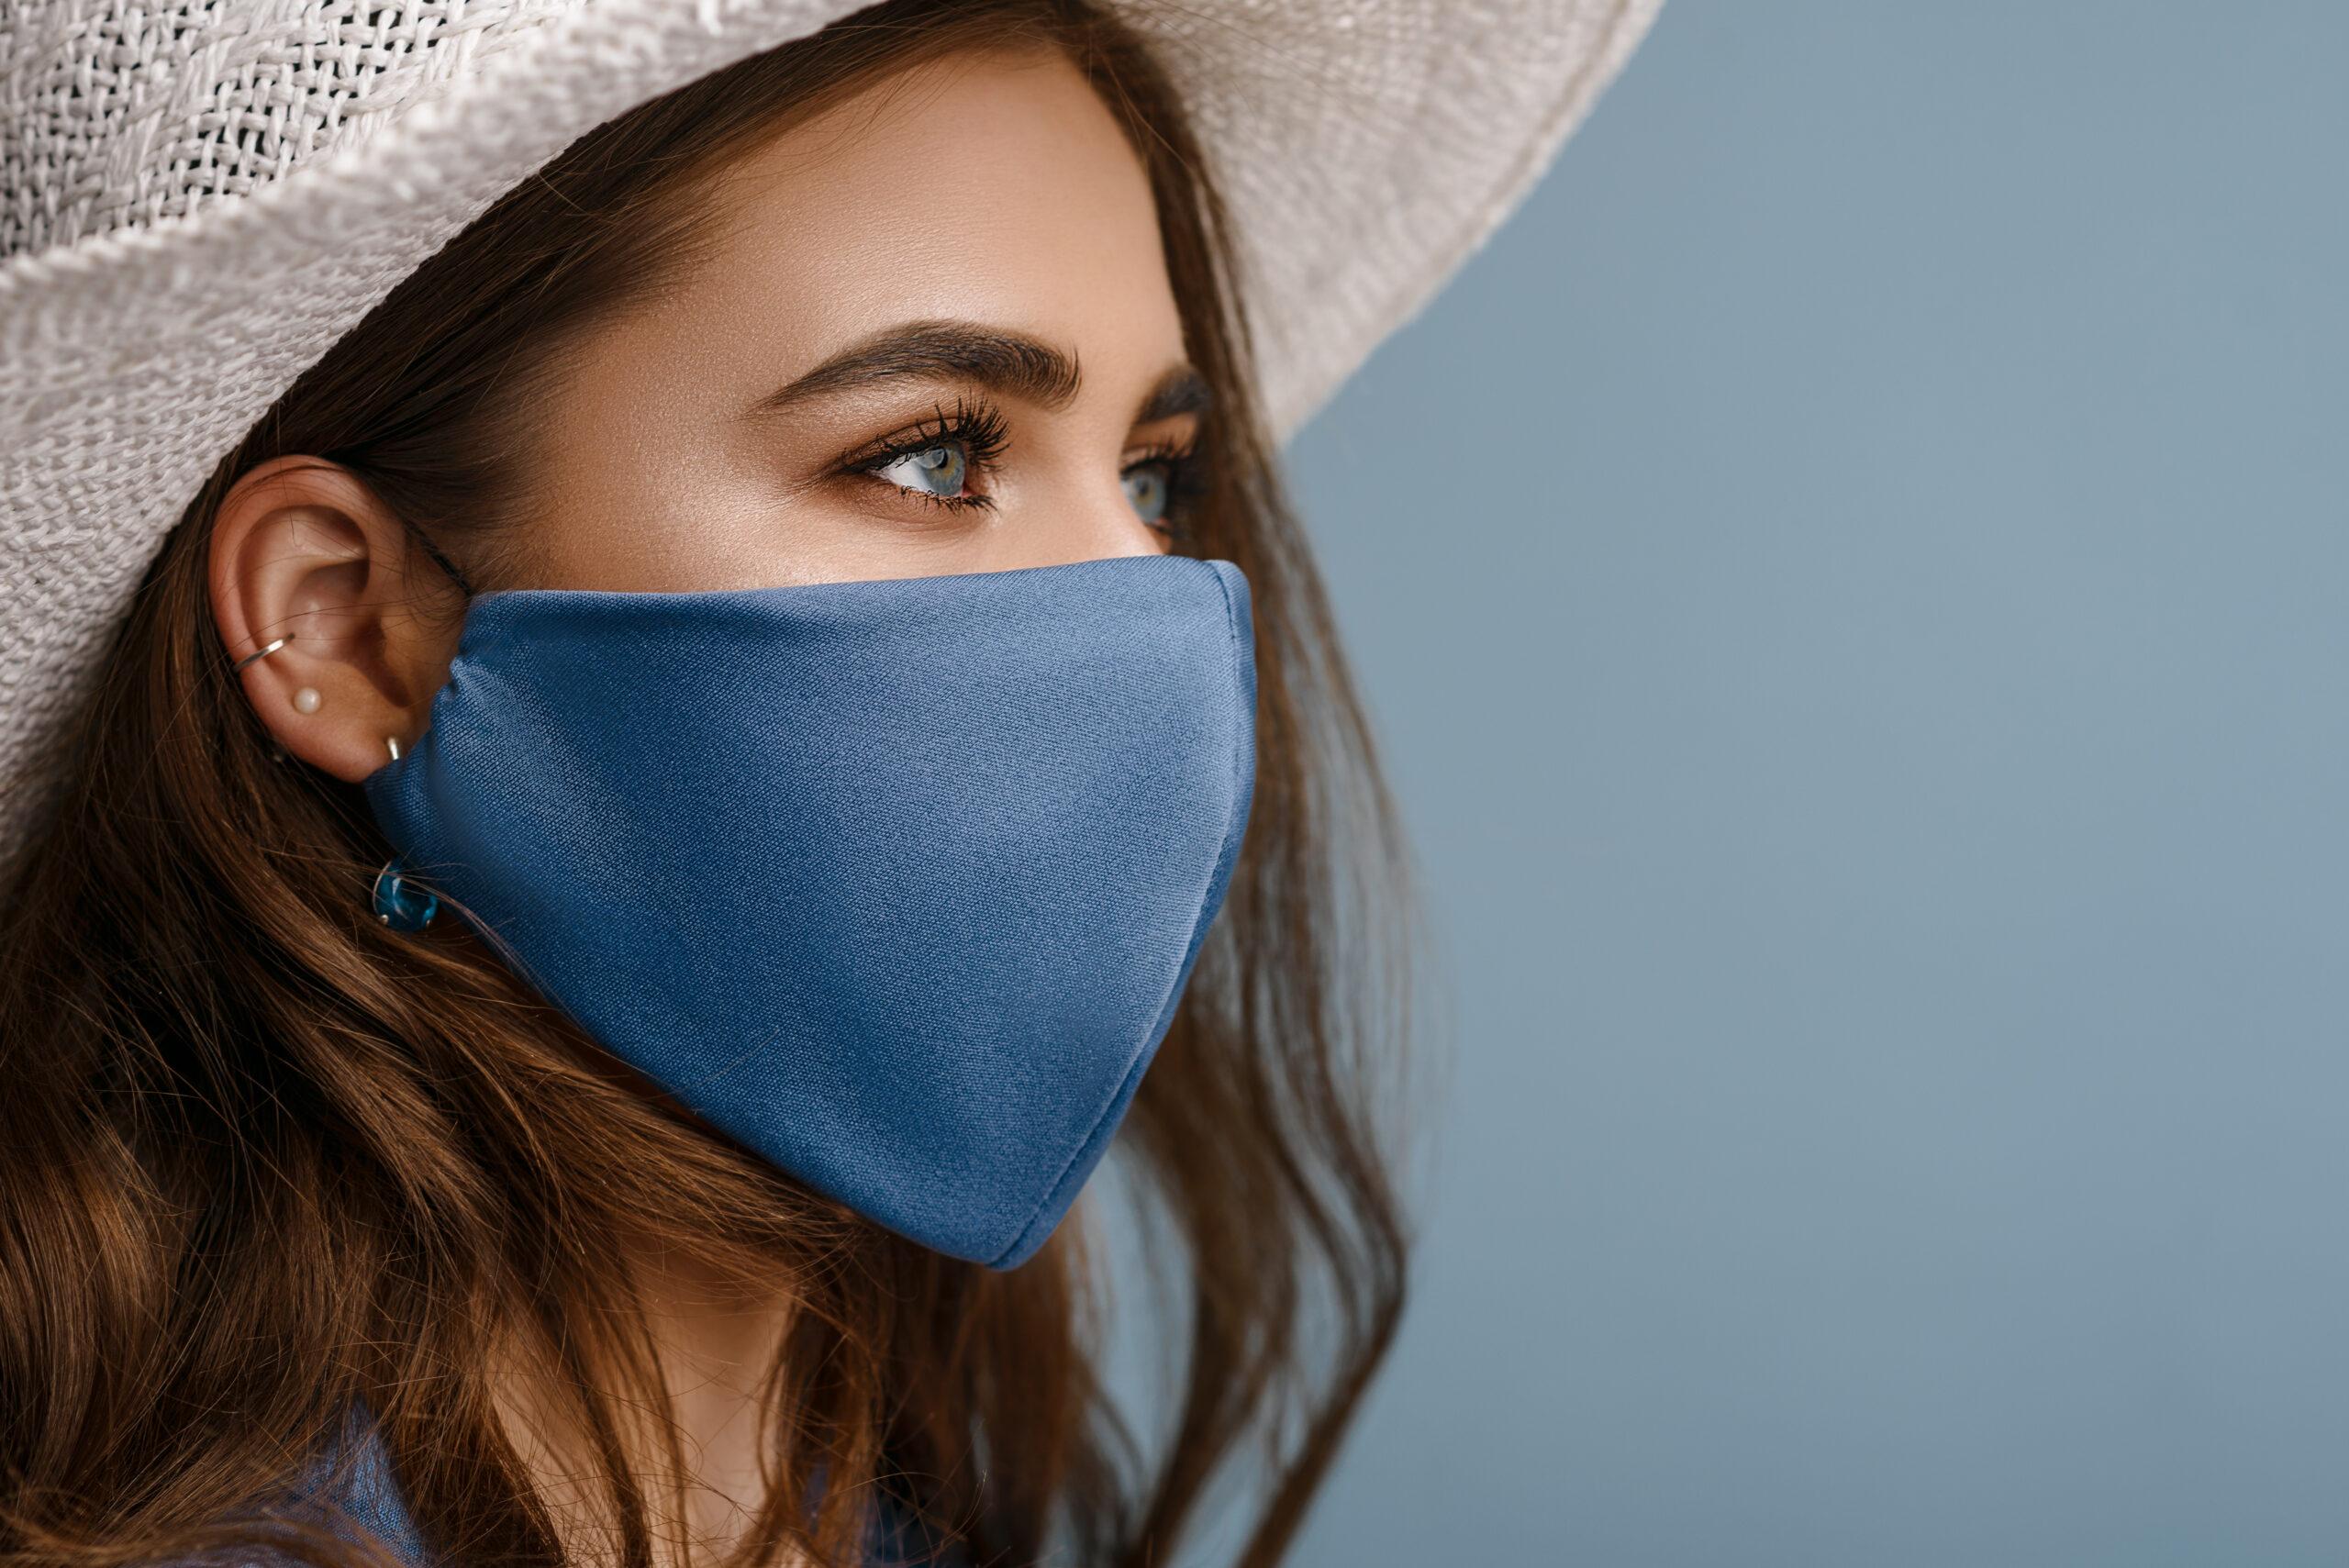 Femme portant un masque